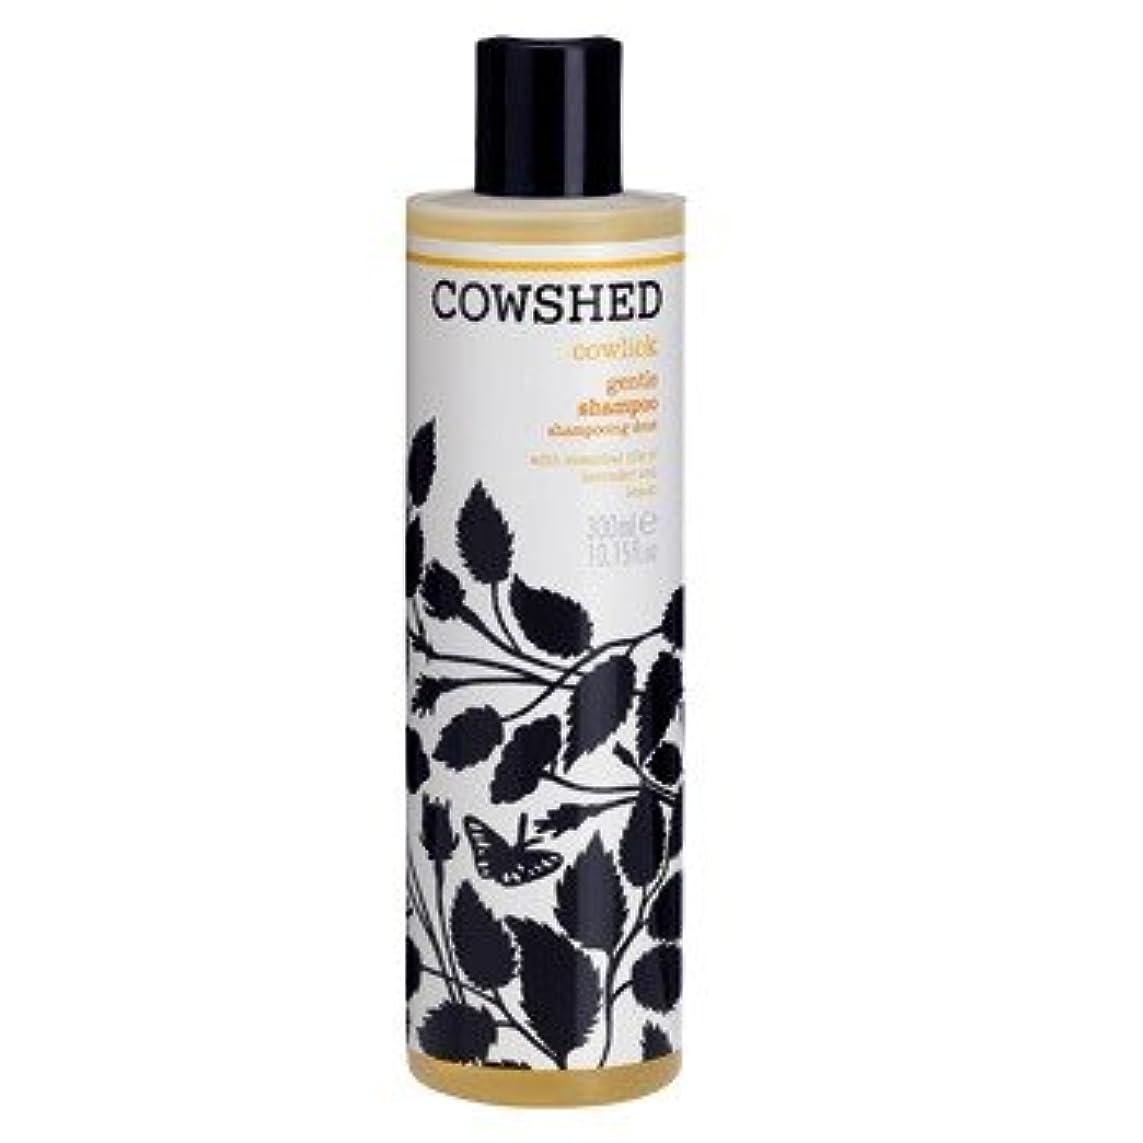 救出数値試用牛舎逆毛優しいシャンプー300ミリリットル (Cowshed) - Cowshed Cowlick Gentle Shampoo 300ml [並行輸入品]